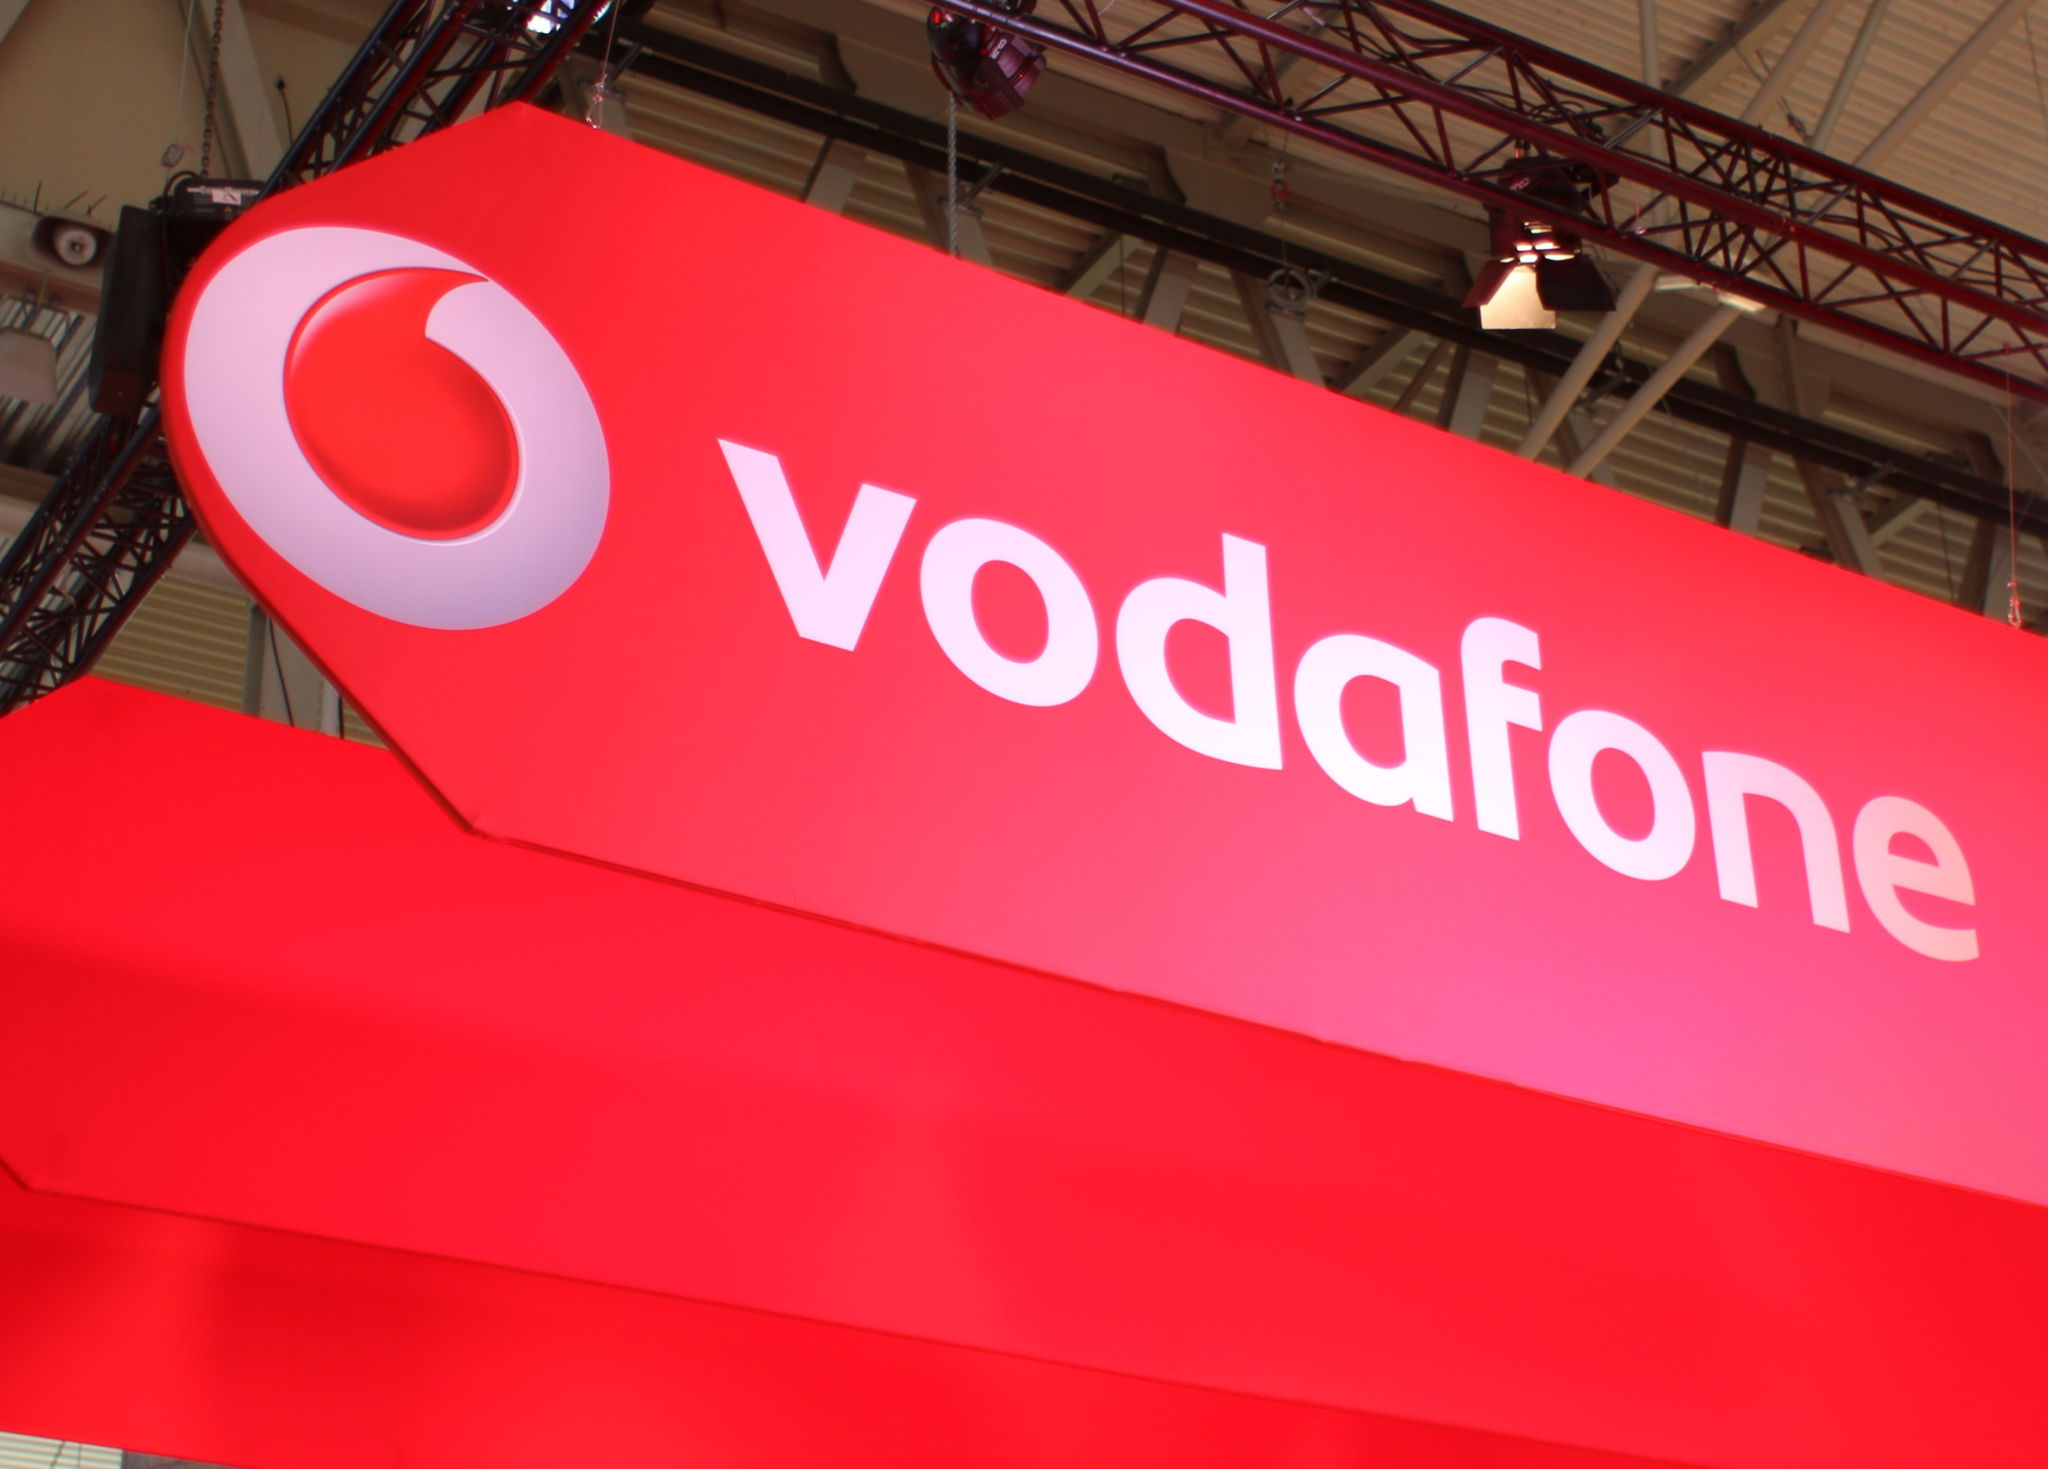 Vodafone down oggi 13 giugno 2019 rete fissa non funziona pomeriggio